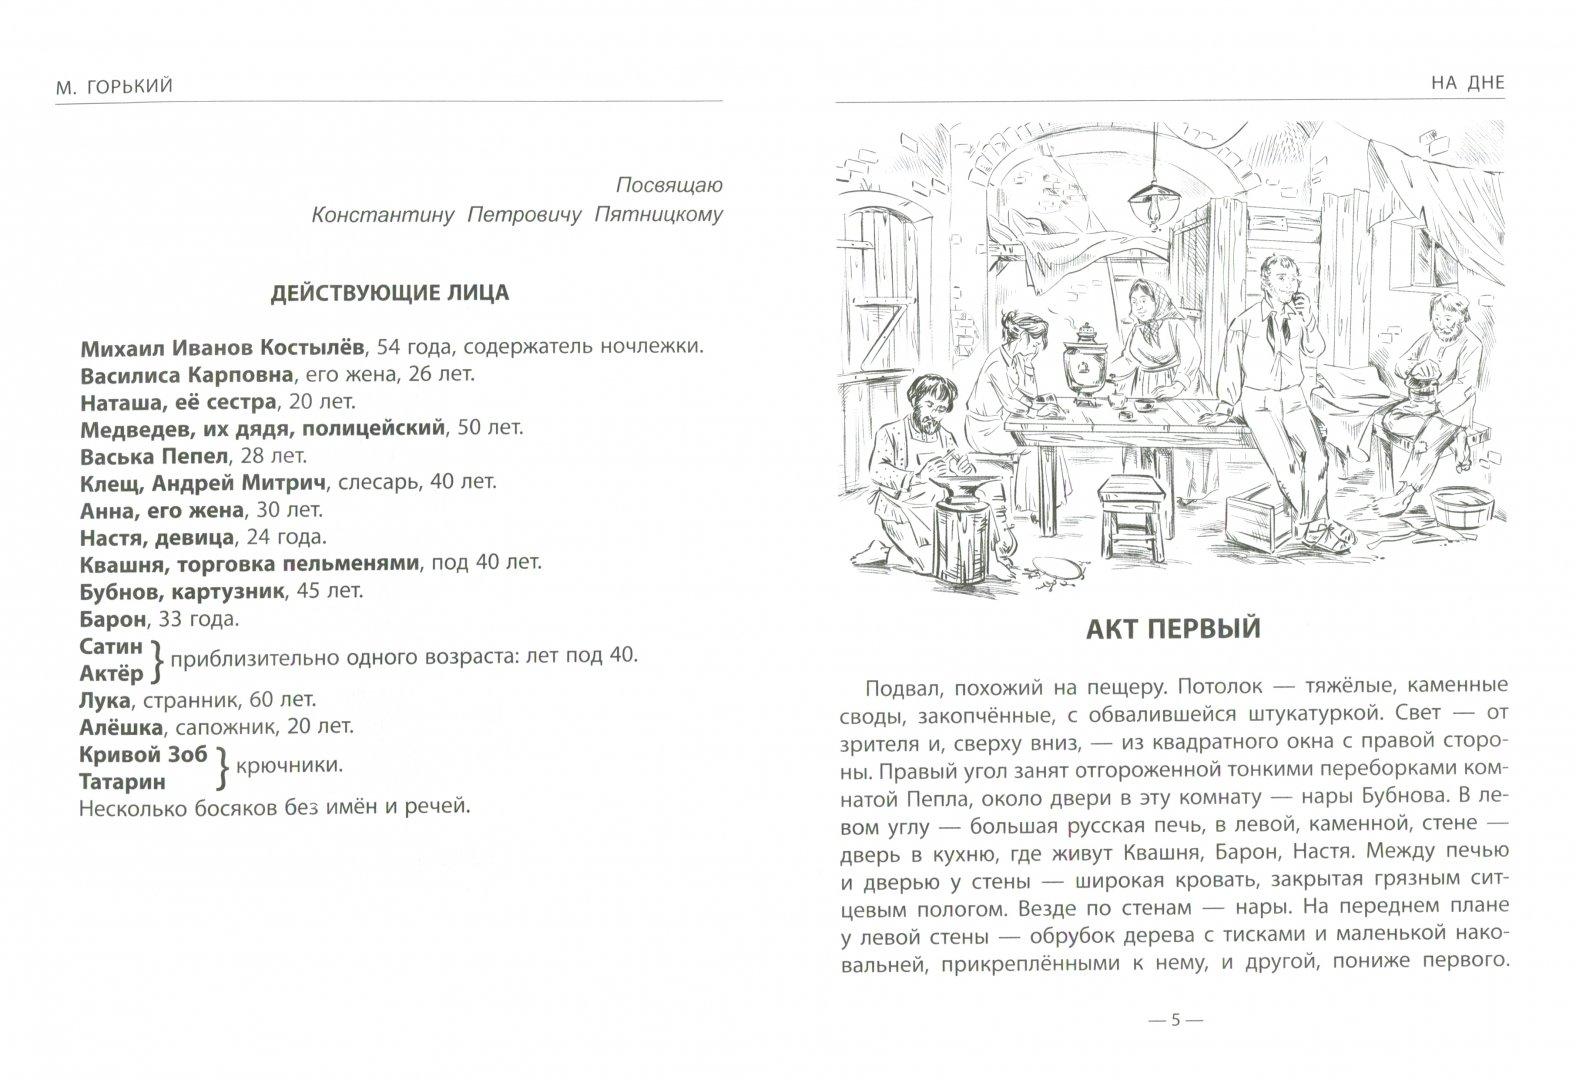 Иллюстрация 1 из 12 для На дне - Максим Горький   Лабиринт - книги. Источник: Лабиринт